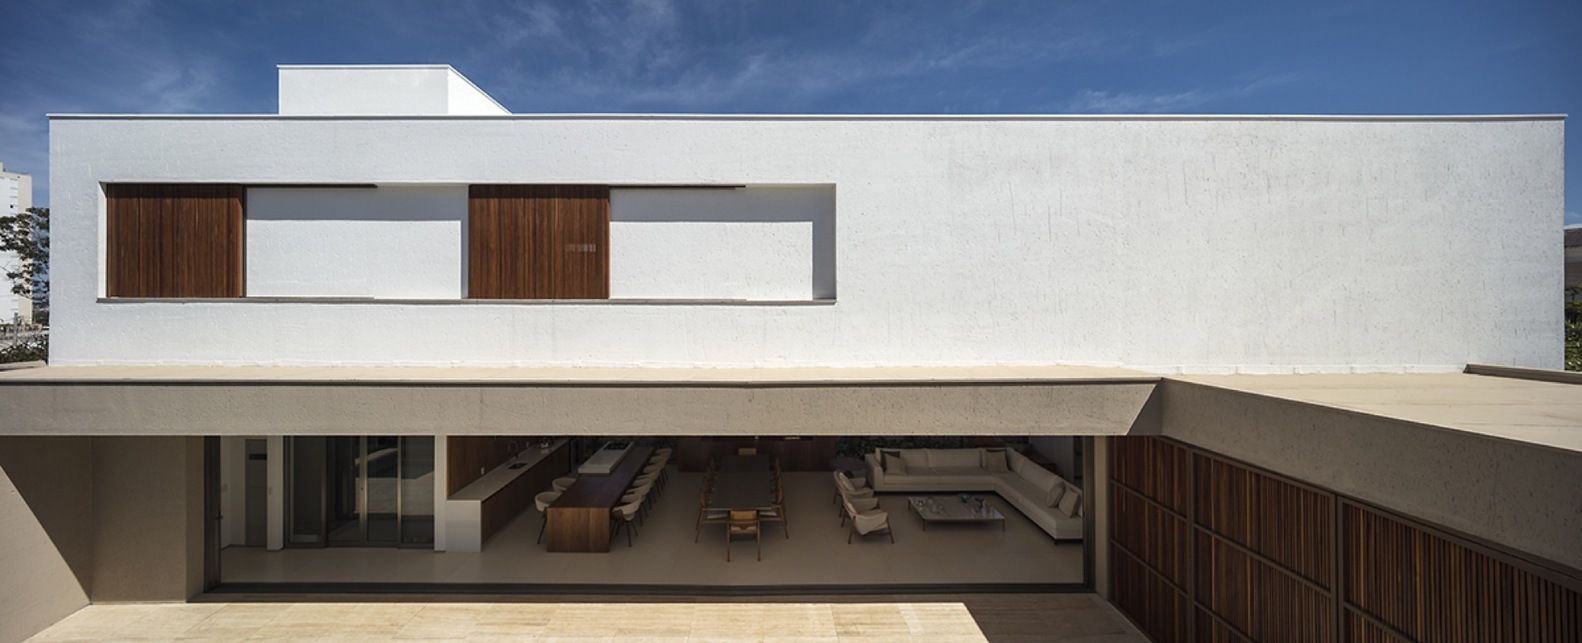 Planta de casa com arquitetura contemporânea.